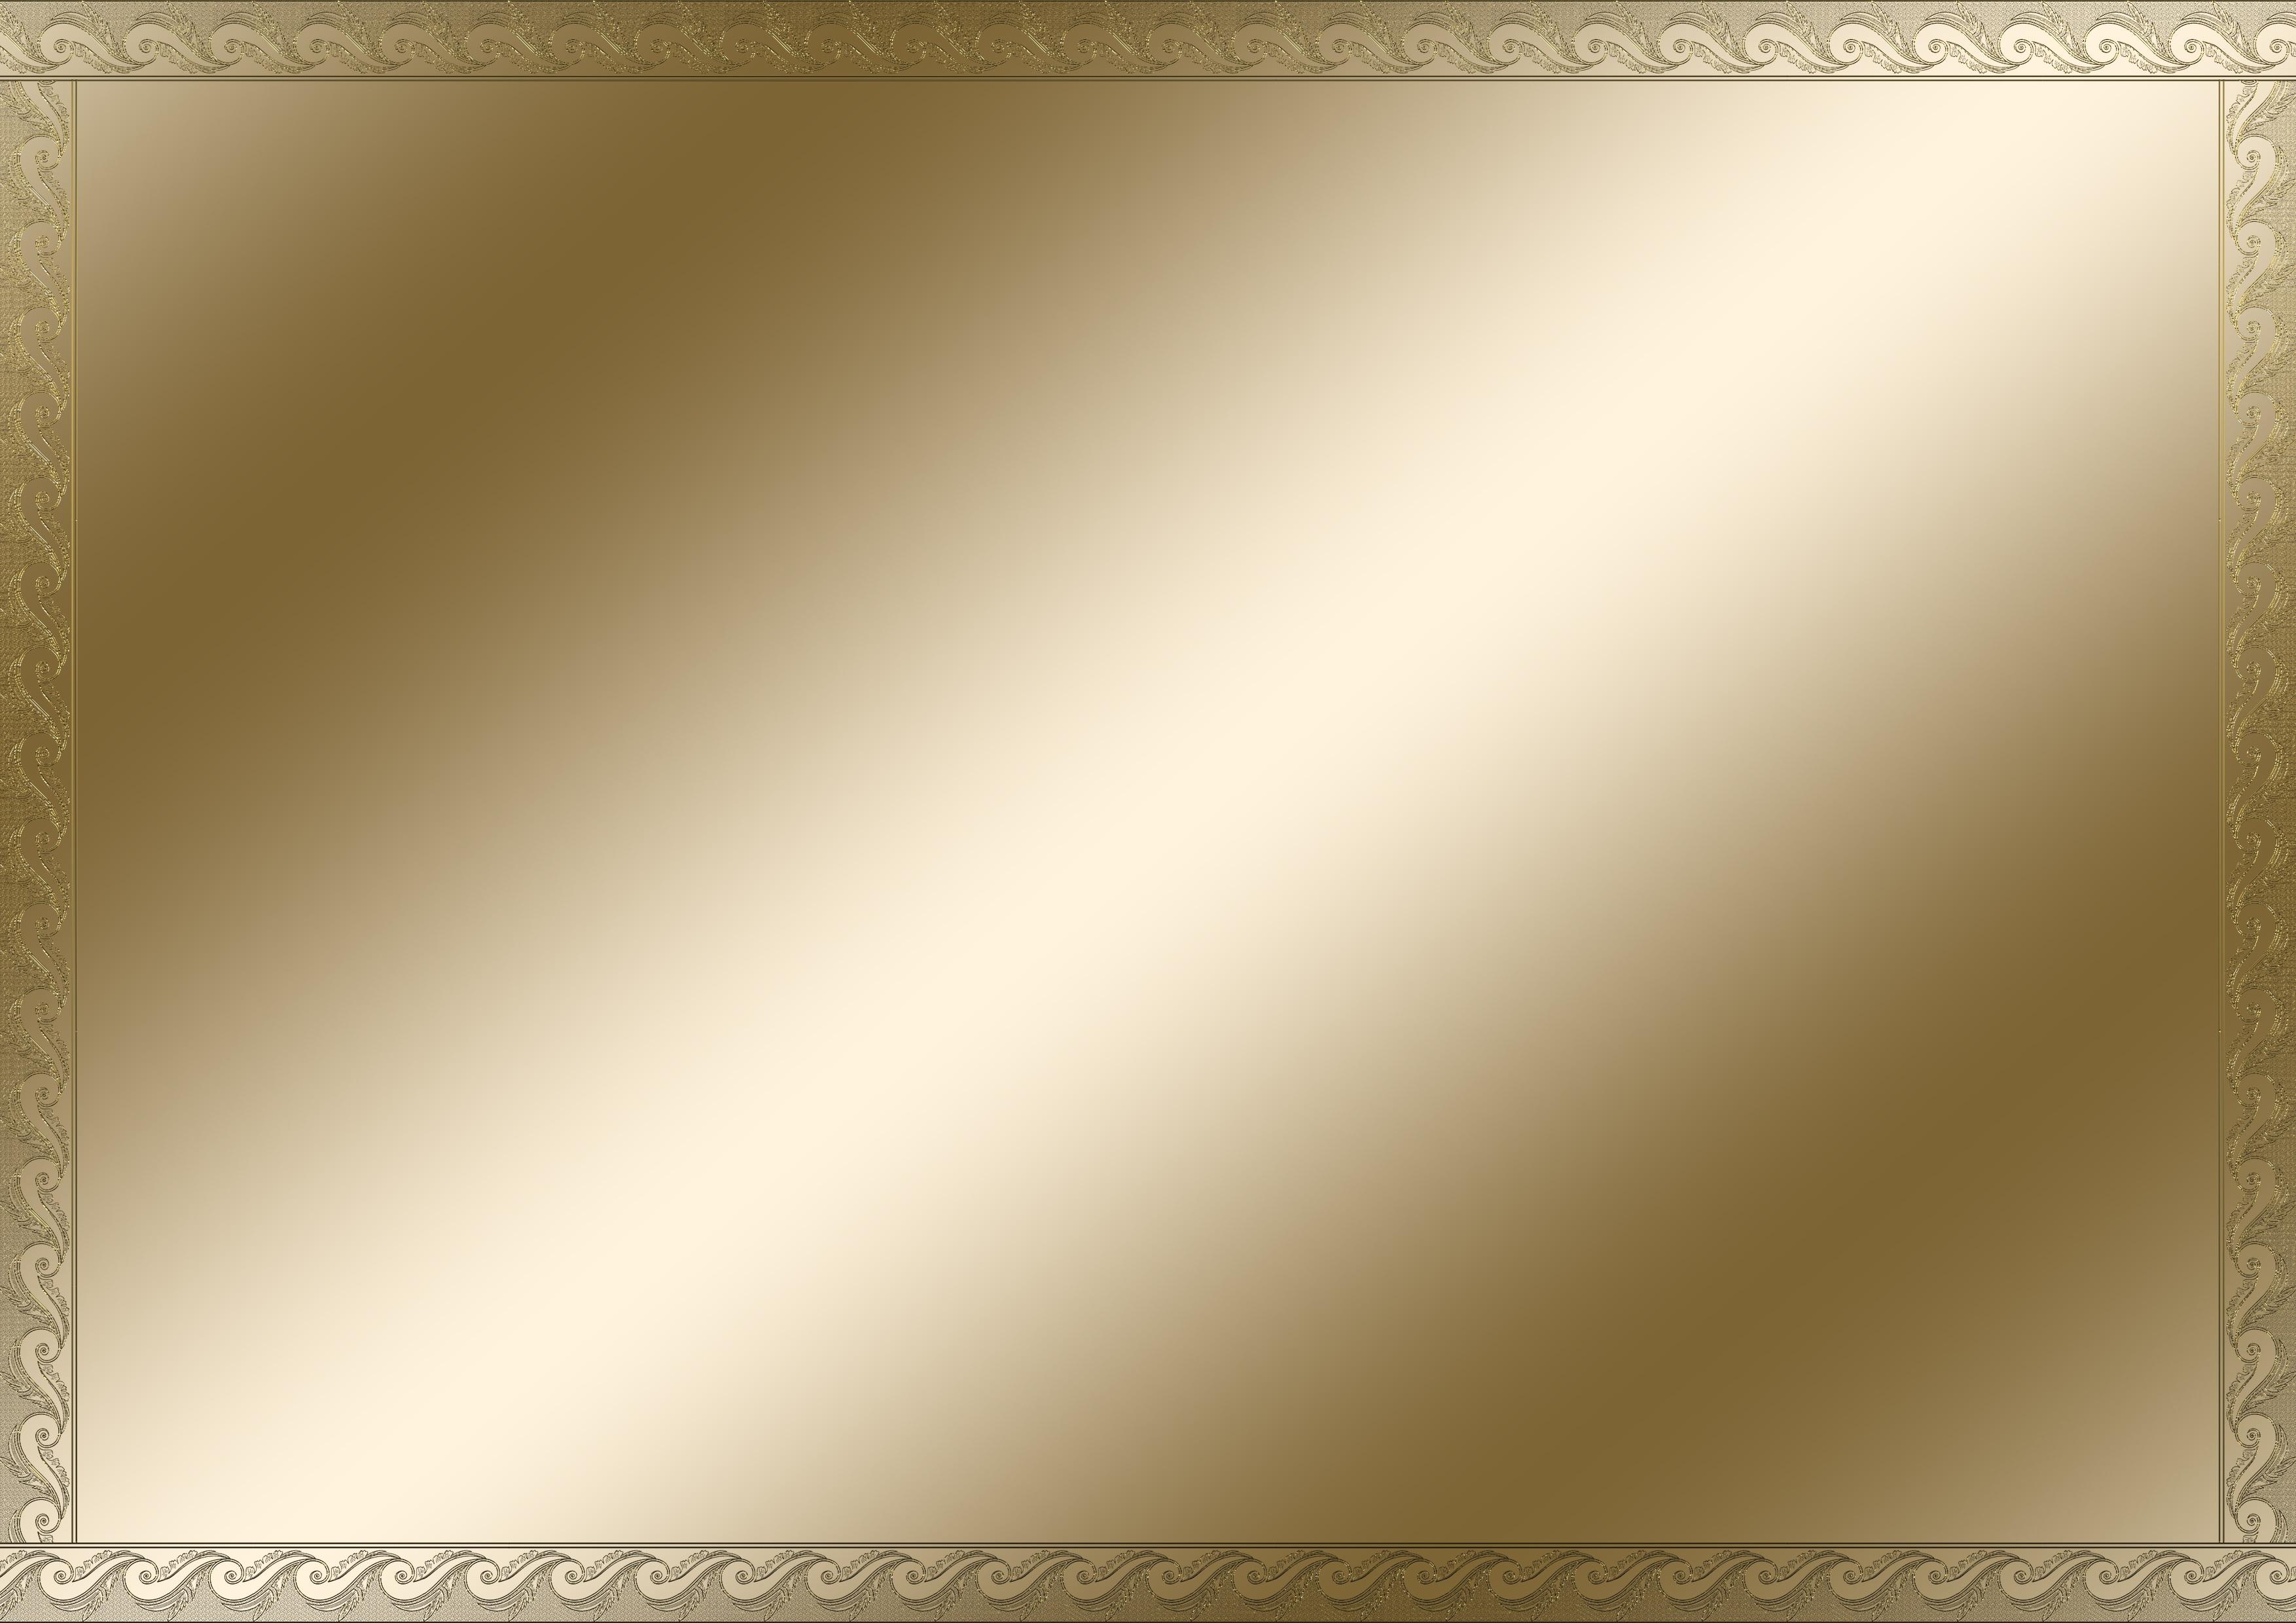 Fotos gratis : ligero, blanco, textura, pared, techo, línea, marco ...